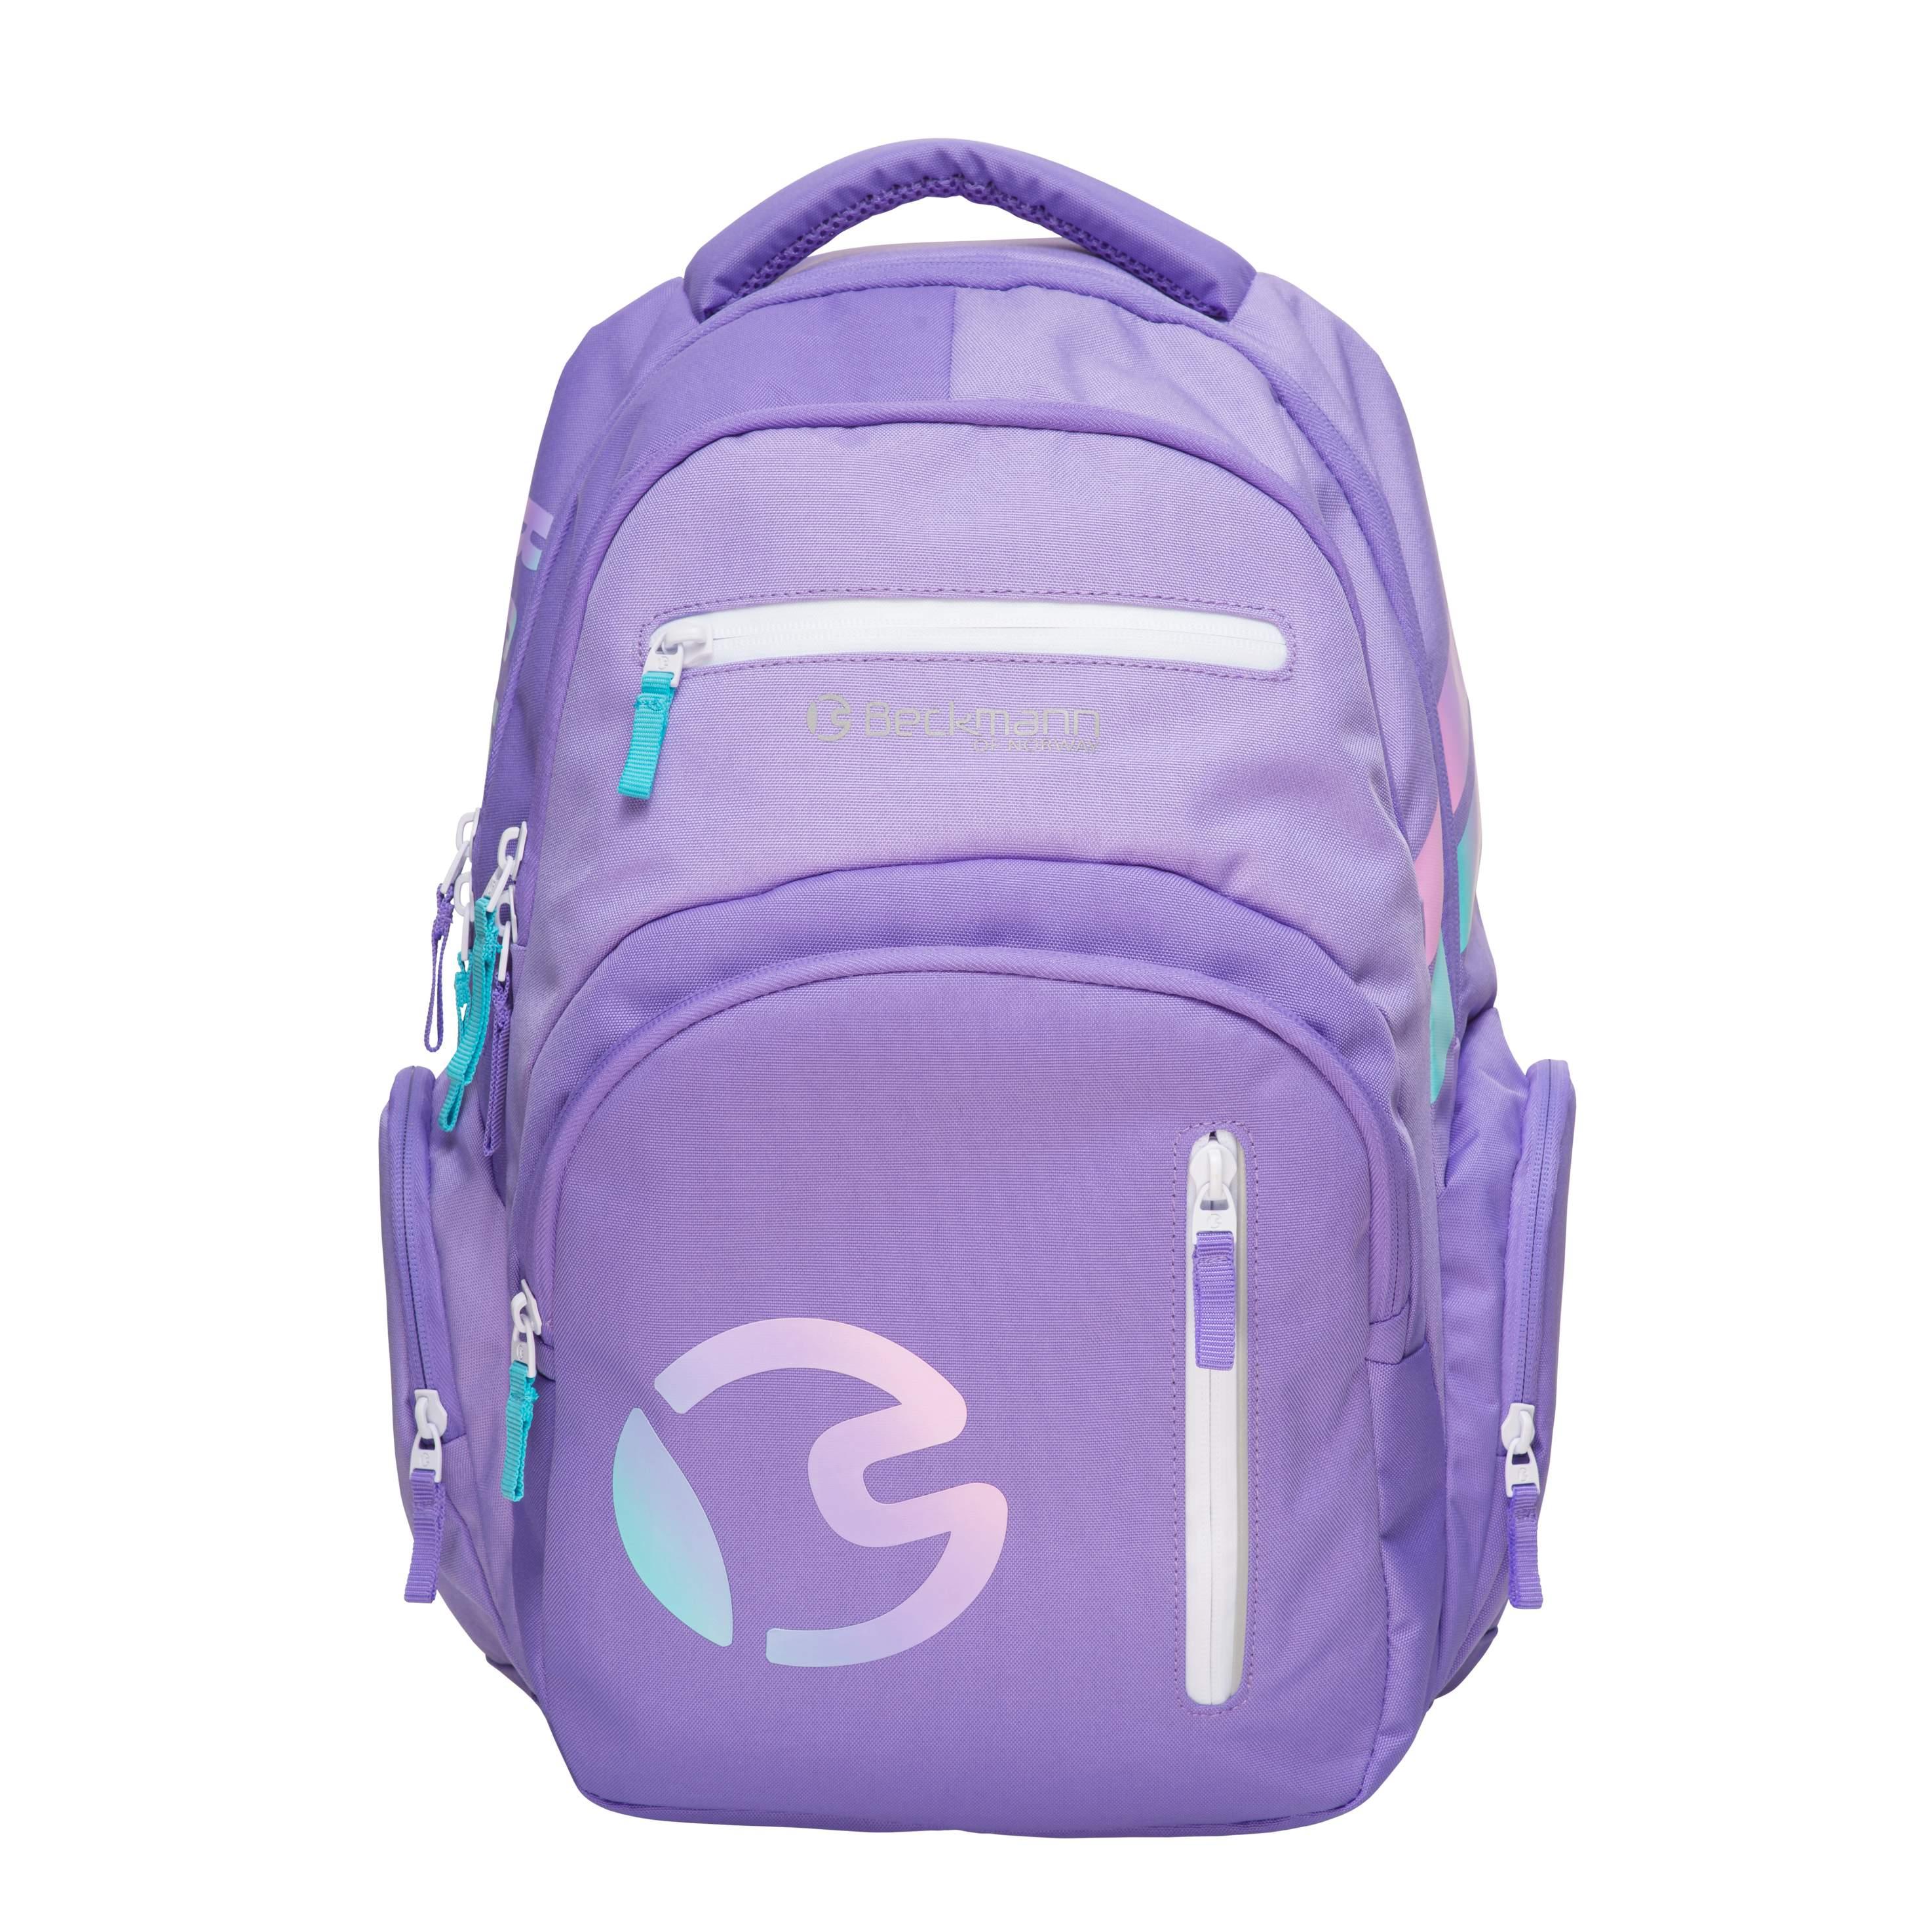 Цвет: 30 л спорт фиолетовый 18 Радуга